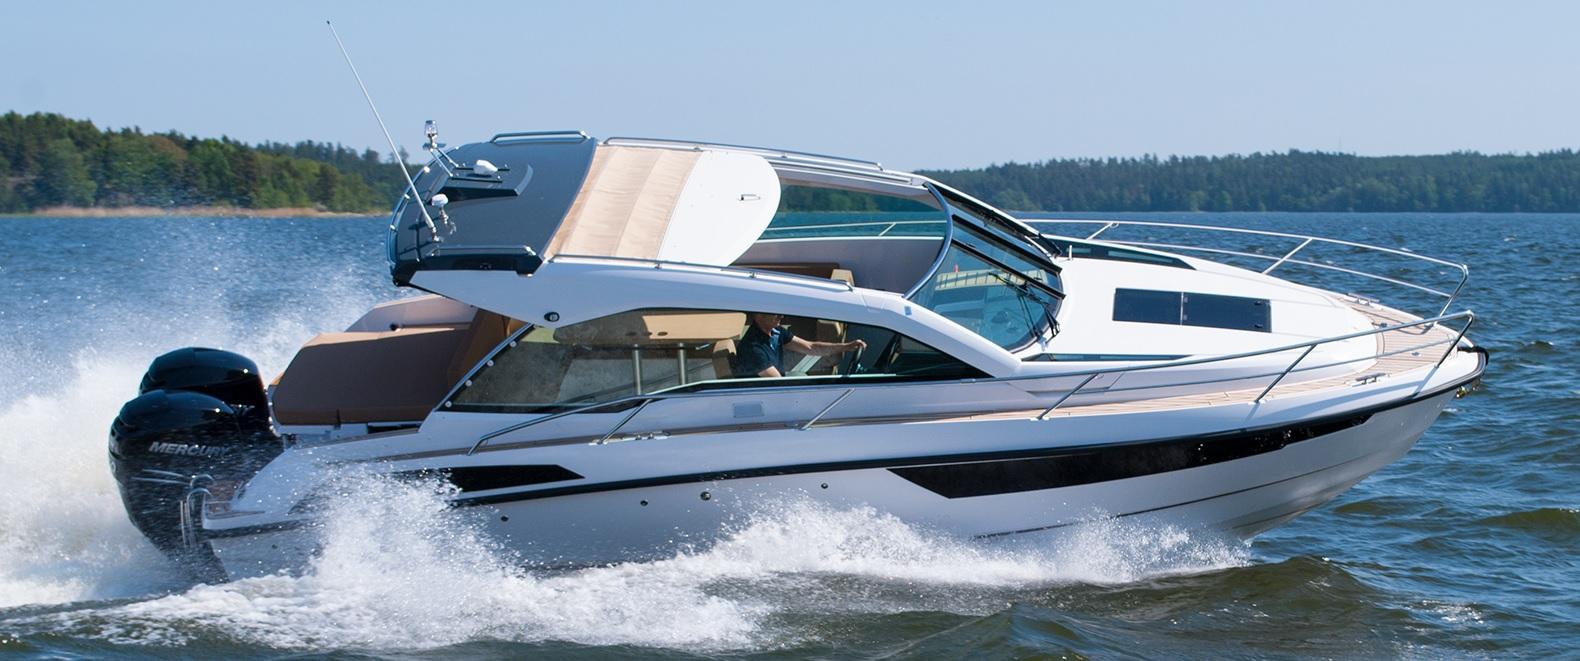 Salongsbåt eller daycruiser Flipper 900 st är två båtar i ett